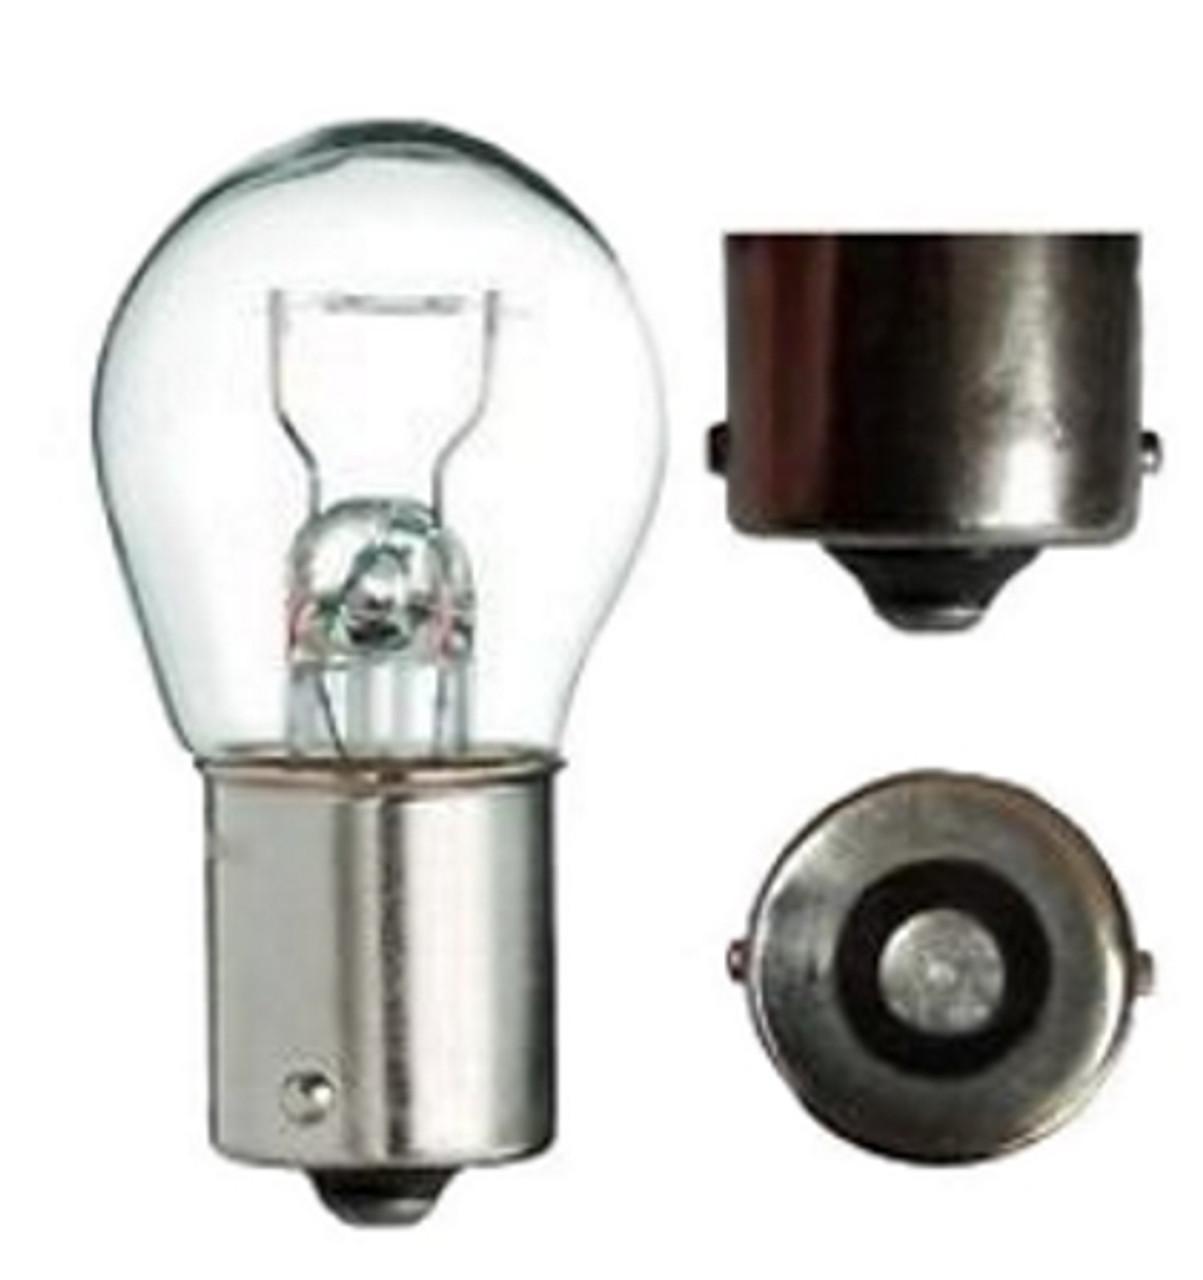 6Volt 21Watt Light Bulb *BA15s  / 1156 Base* Larger Glass Dome - German